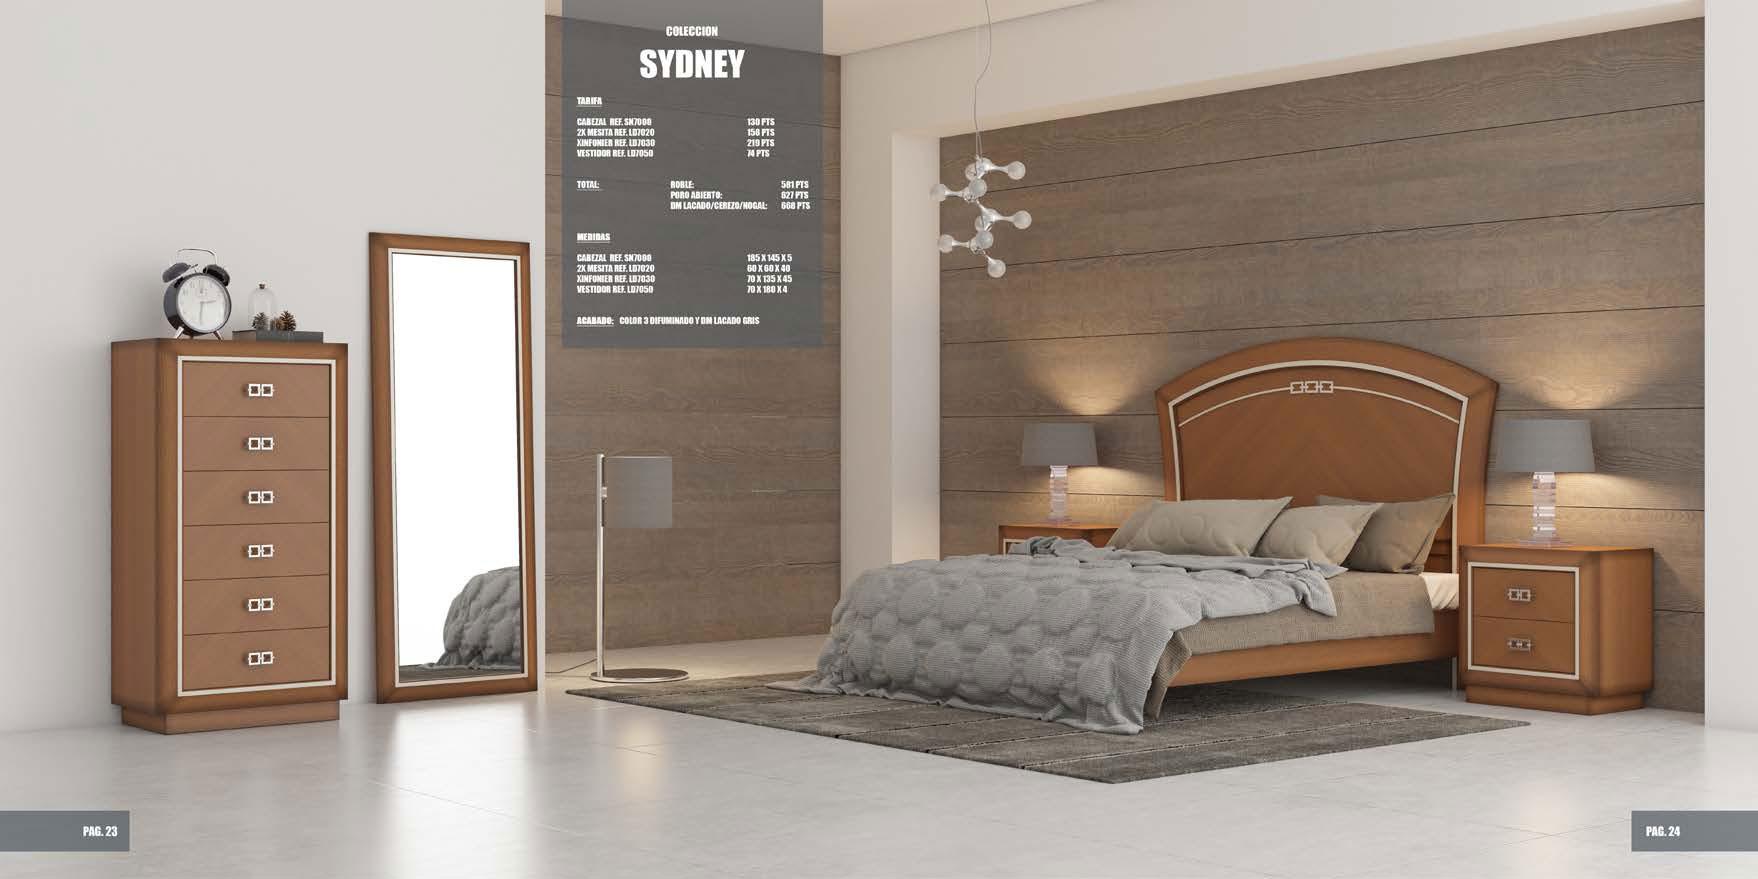 sydney-dormitorio-01